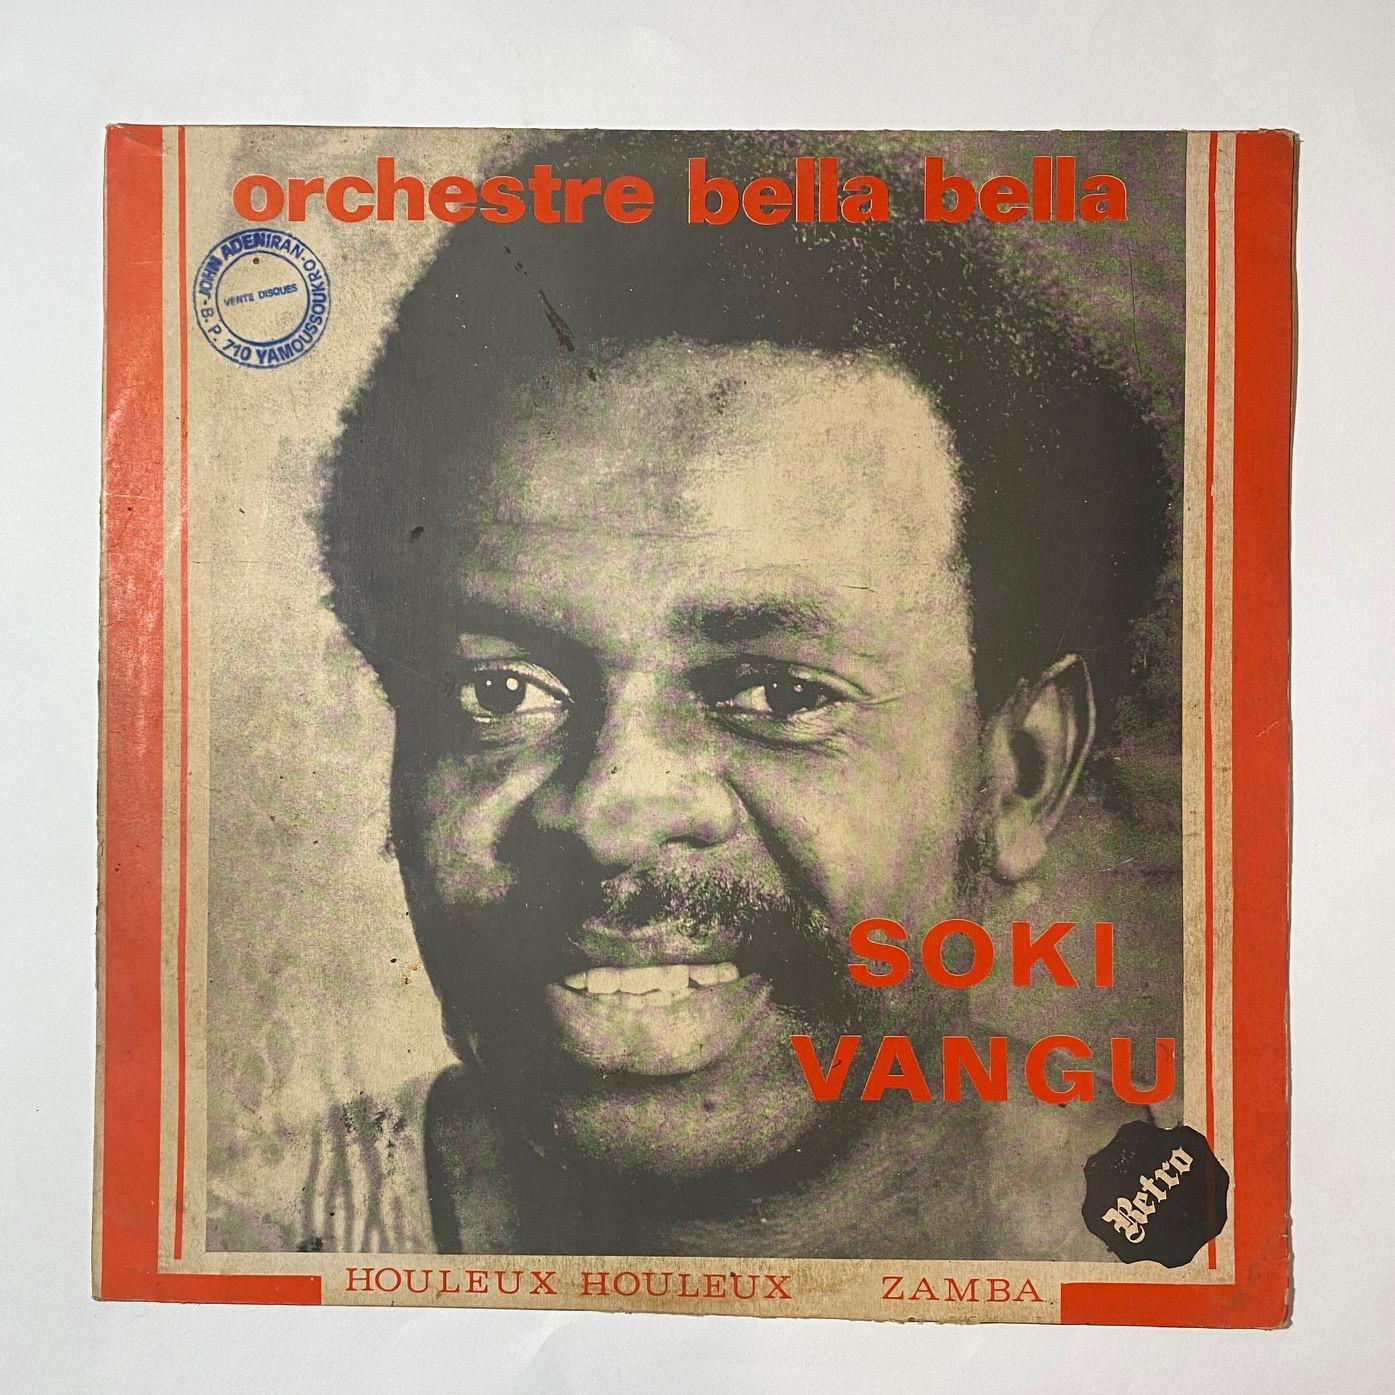 Soki Vangu / Orchestre Bella Bella Houleux houleux